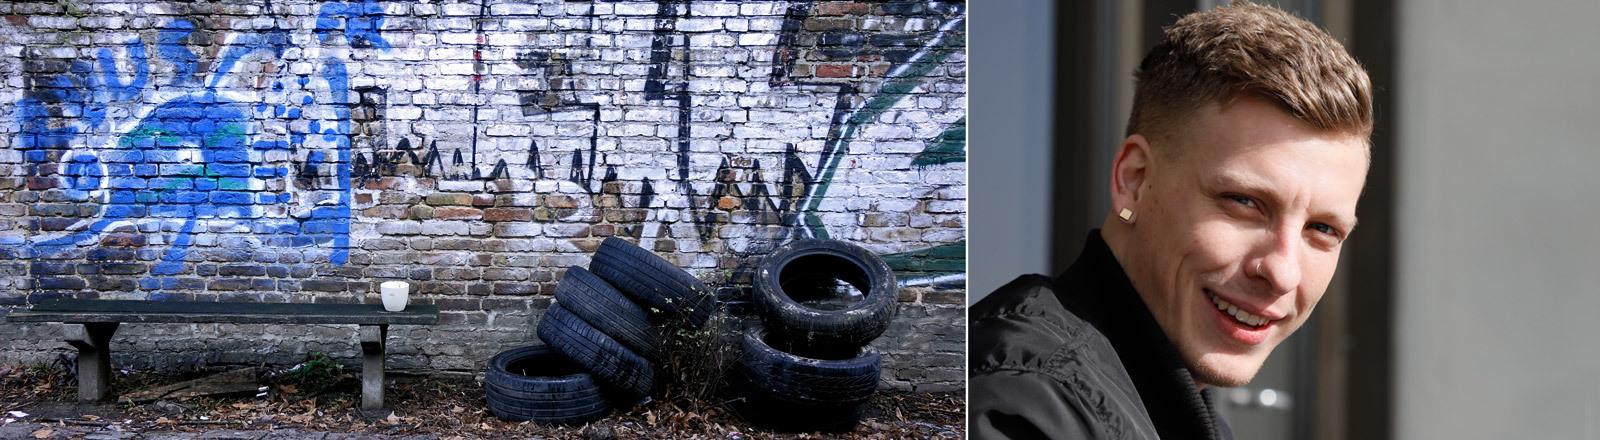 Links im Bild eine Szene aus Berlin-Neukölln. Eine Wand mit Graffiti, davor eine Bank und alte Autoreifen. Rechts im Bild Felix Lobrecht.